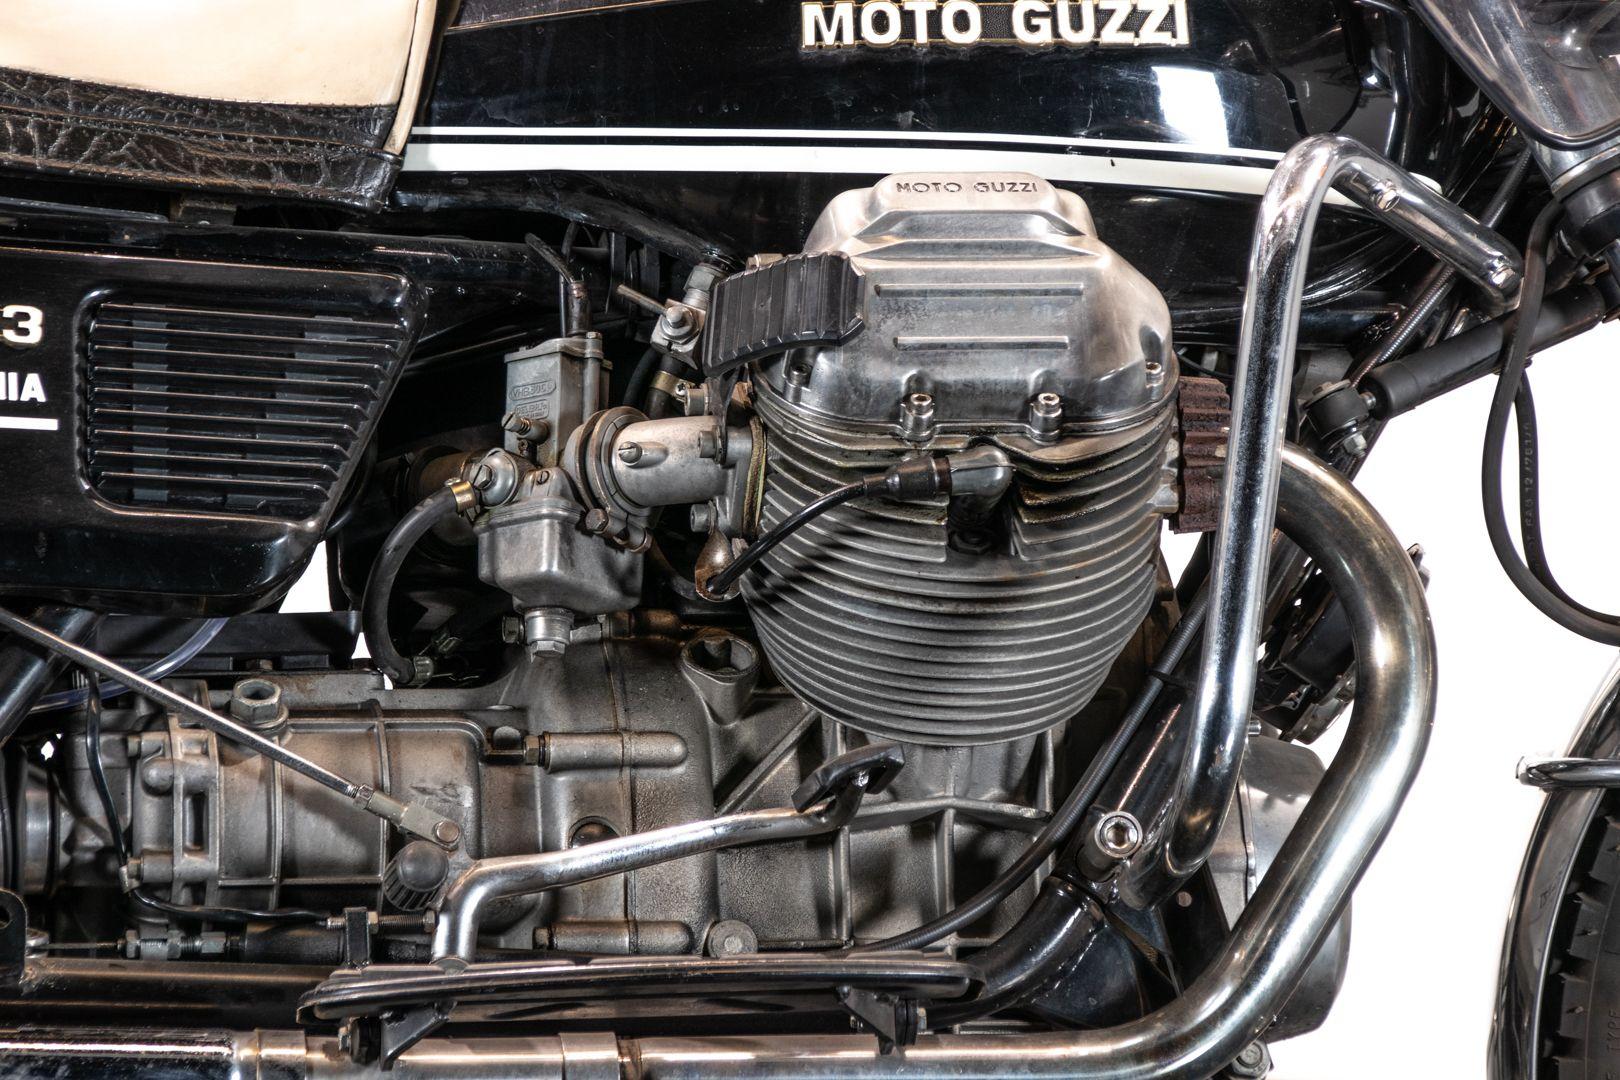 1978 Moto Guzzi 850 VD 73 60023